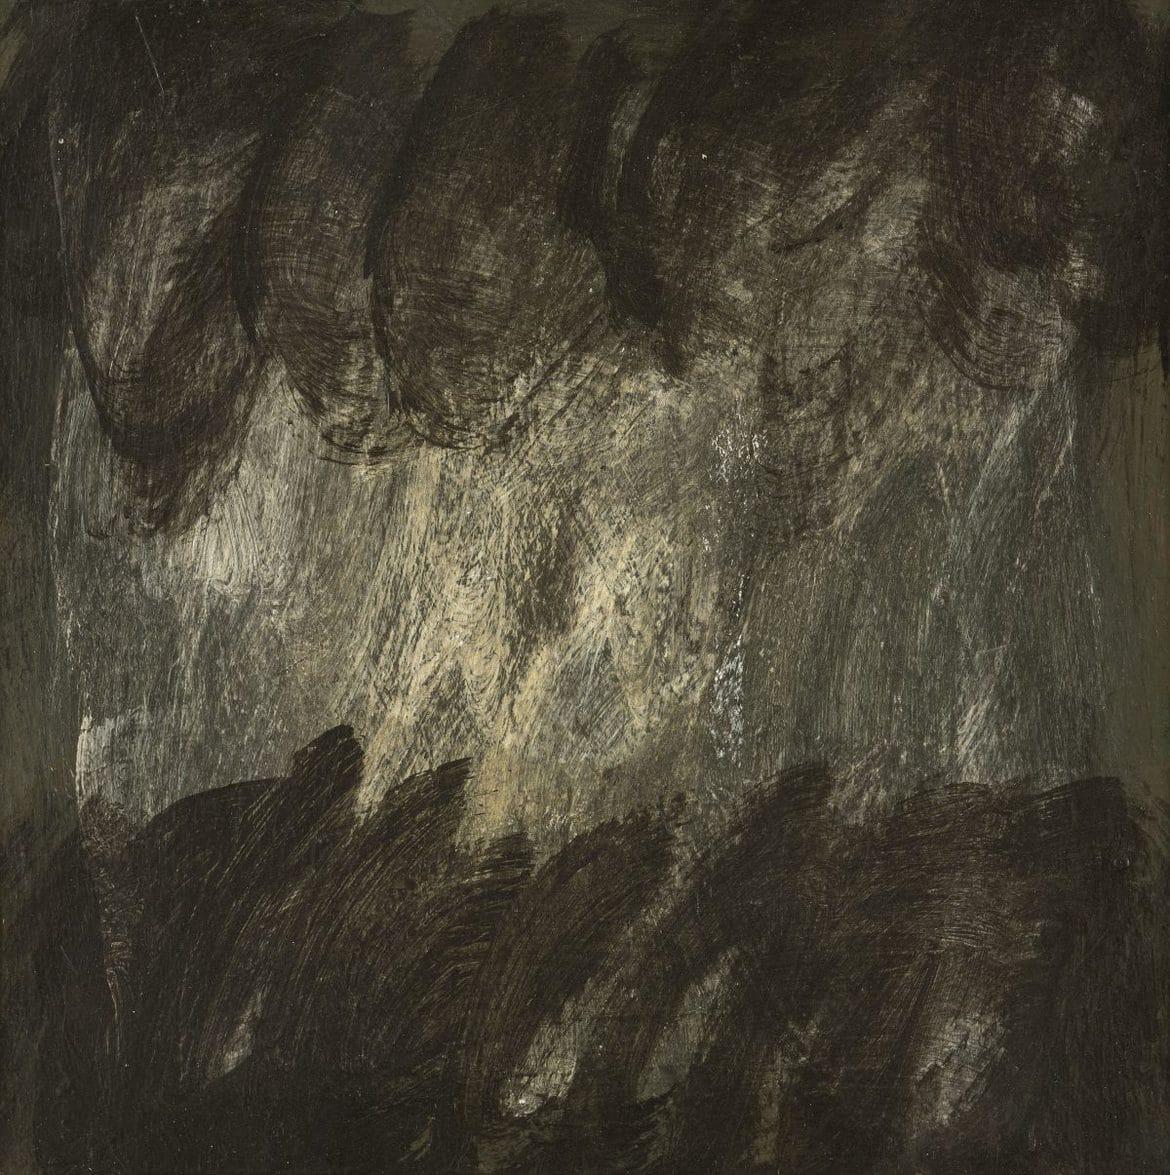 Lottie Consalvo, 'From Here 5', 2019, acrylic on board, 30 x 30 cm, framed